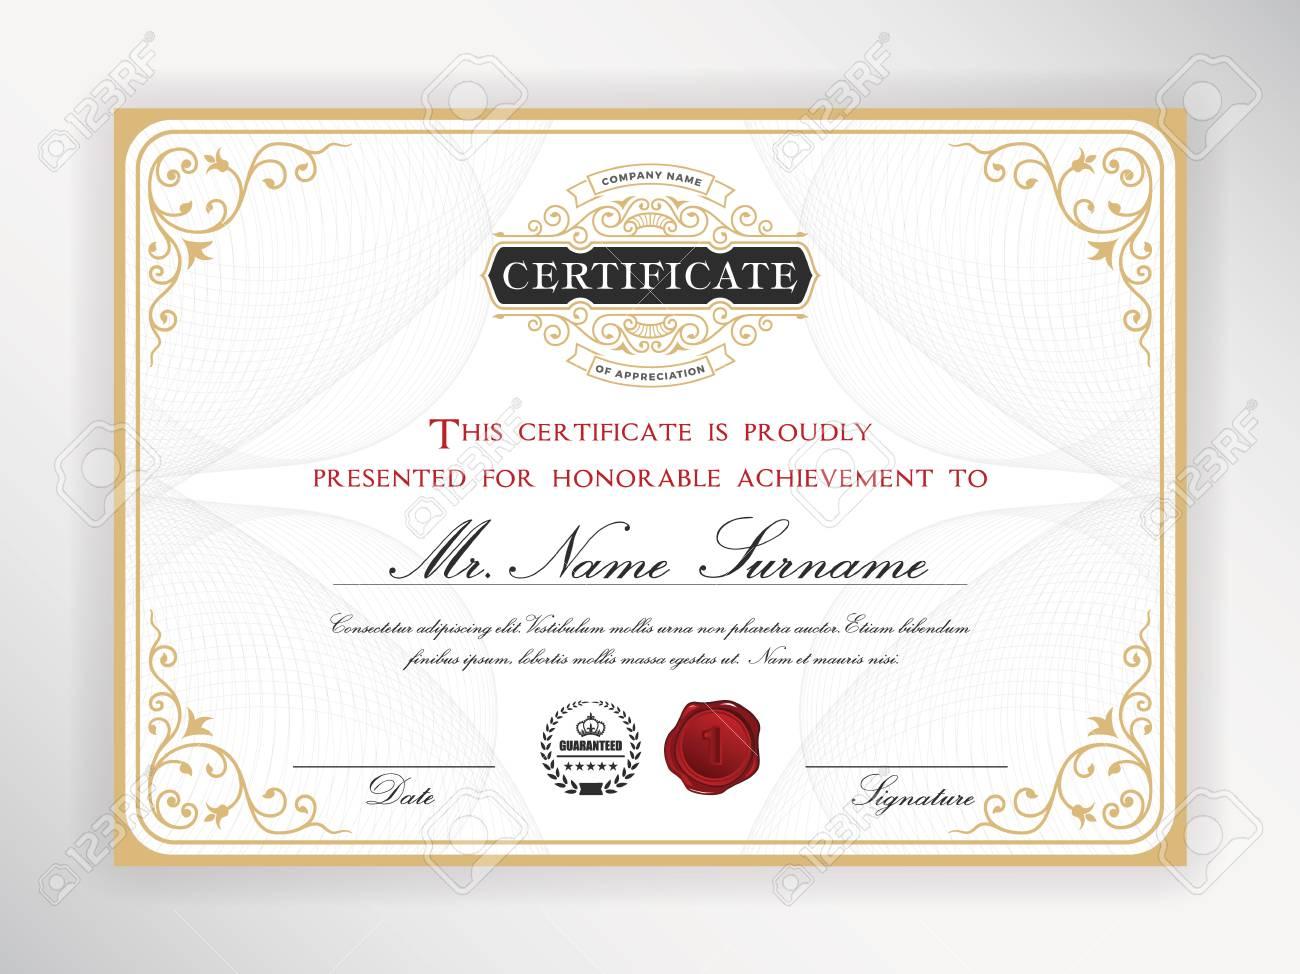 Elegant Certificate Template Design With Emblem Vintage Border